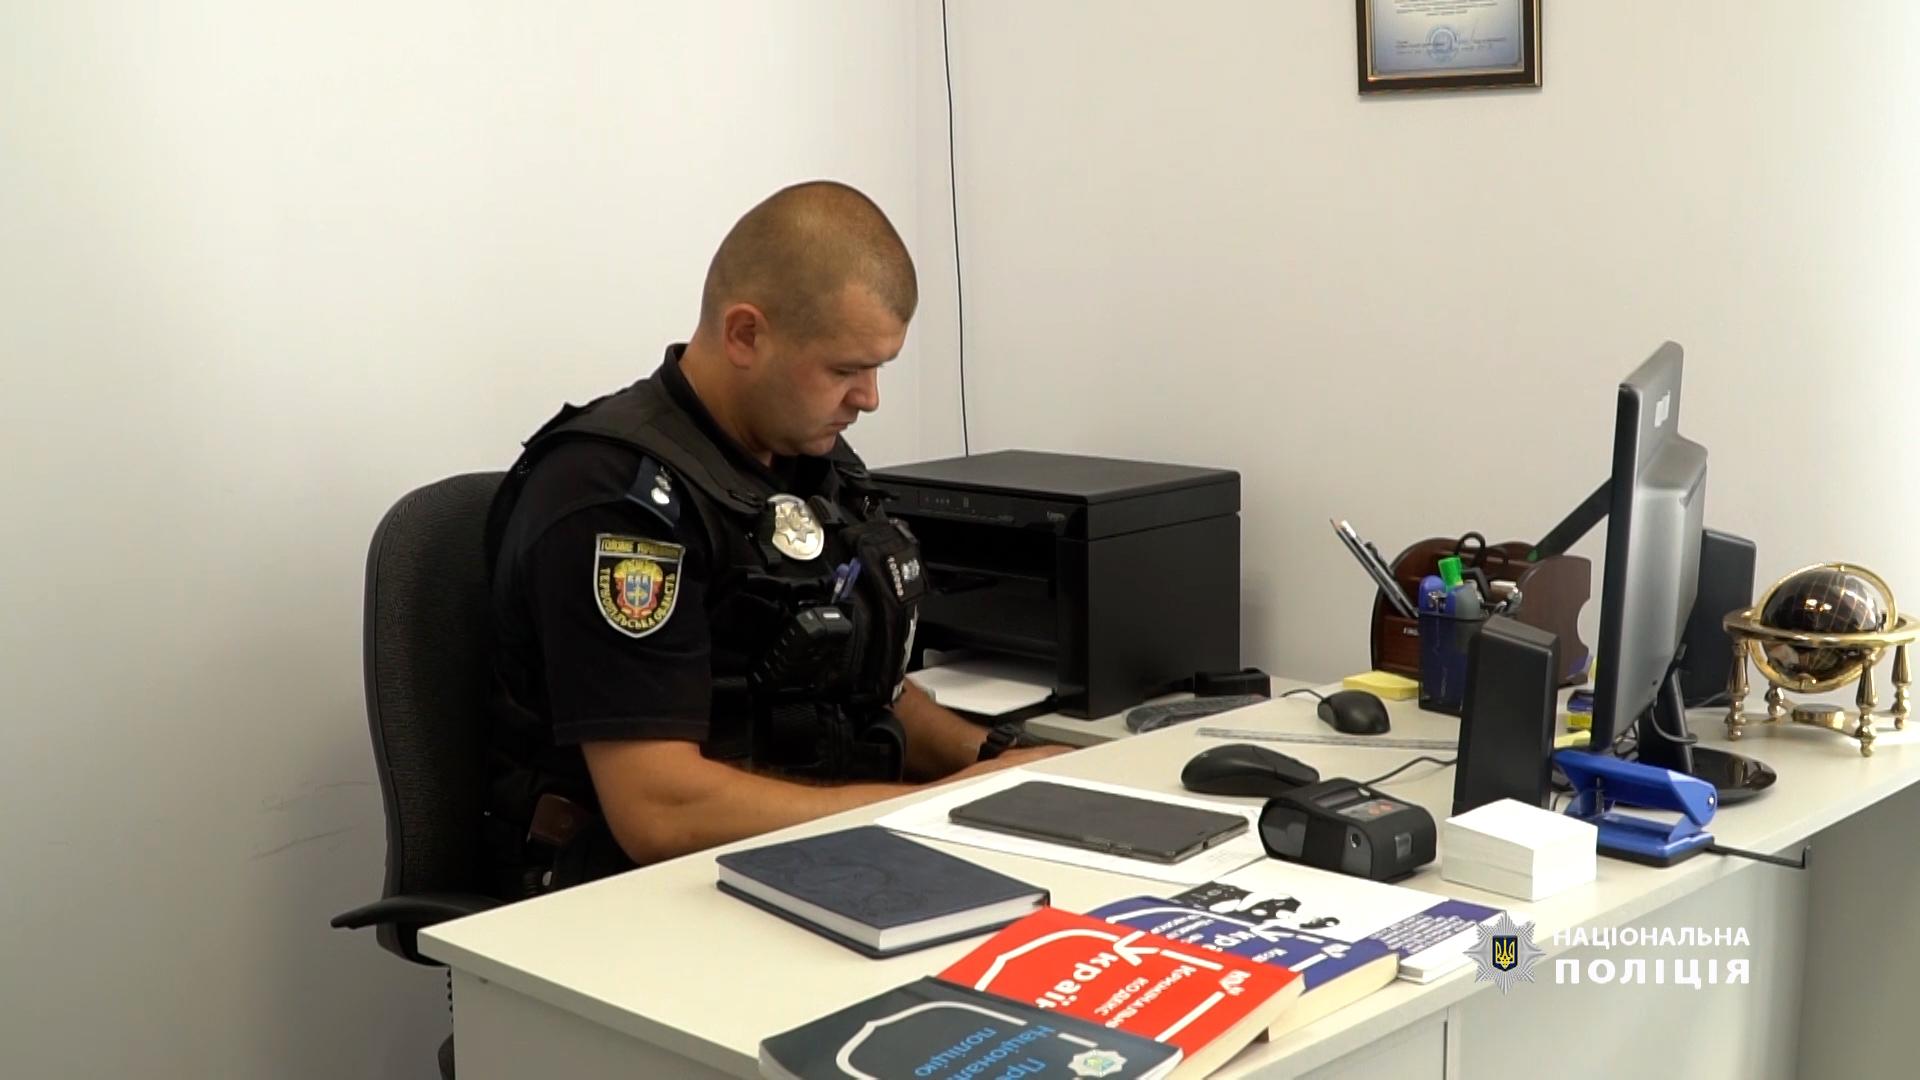 На Тернопільщині розпочався відбір громад для участі в проєкті «Поліцейський офіцер громади».